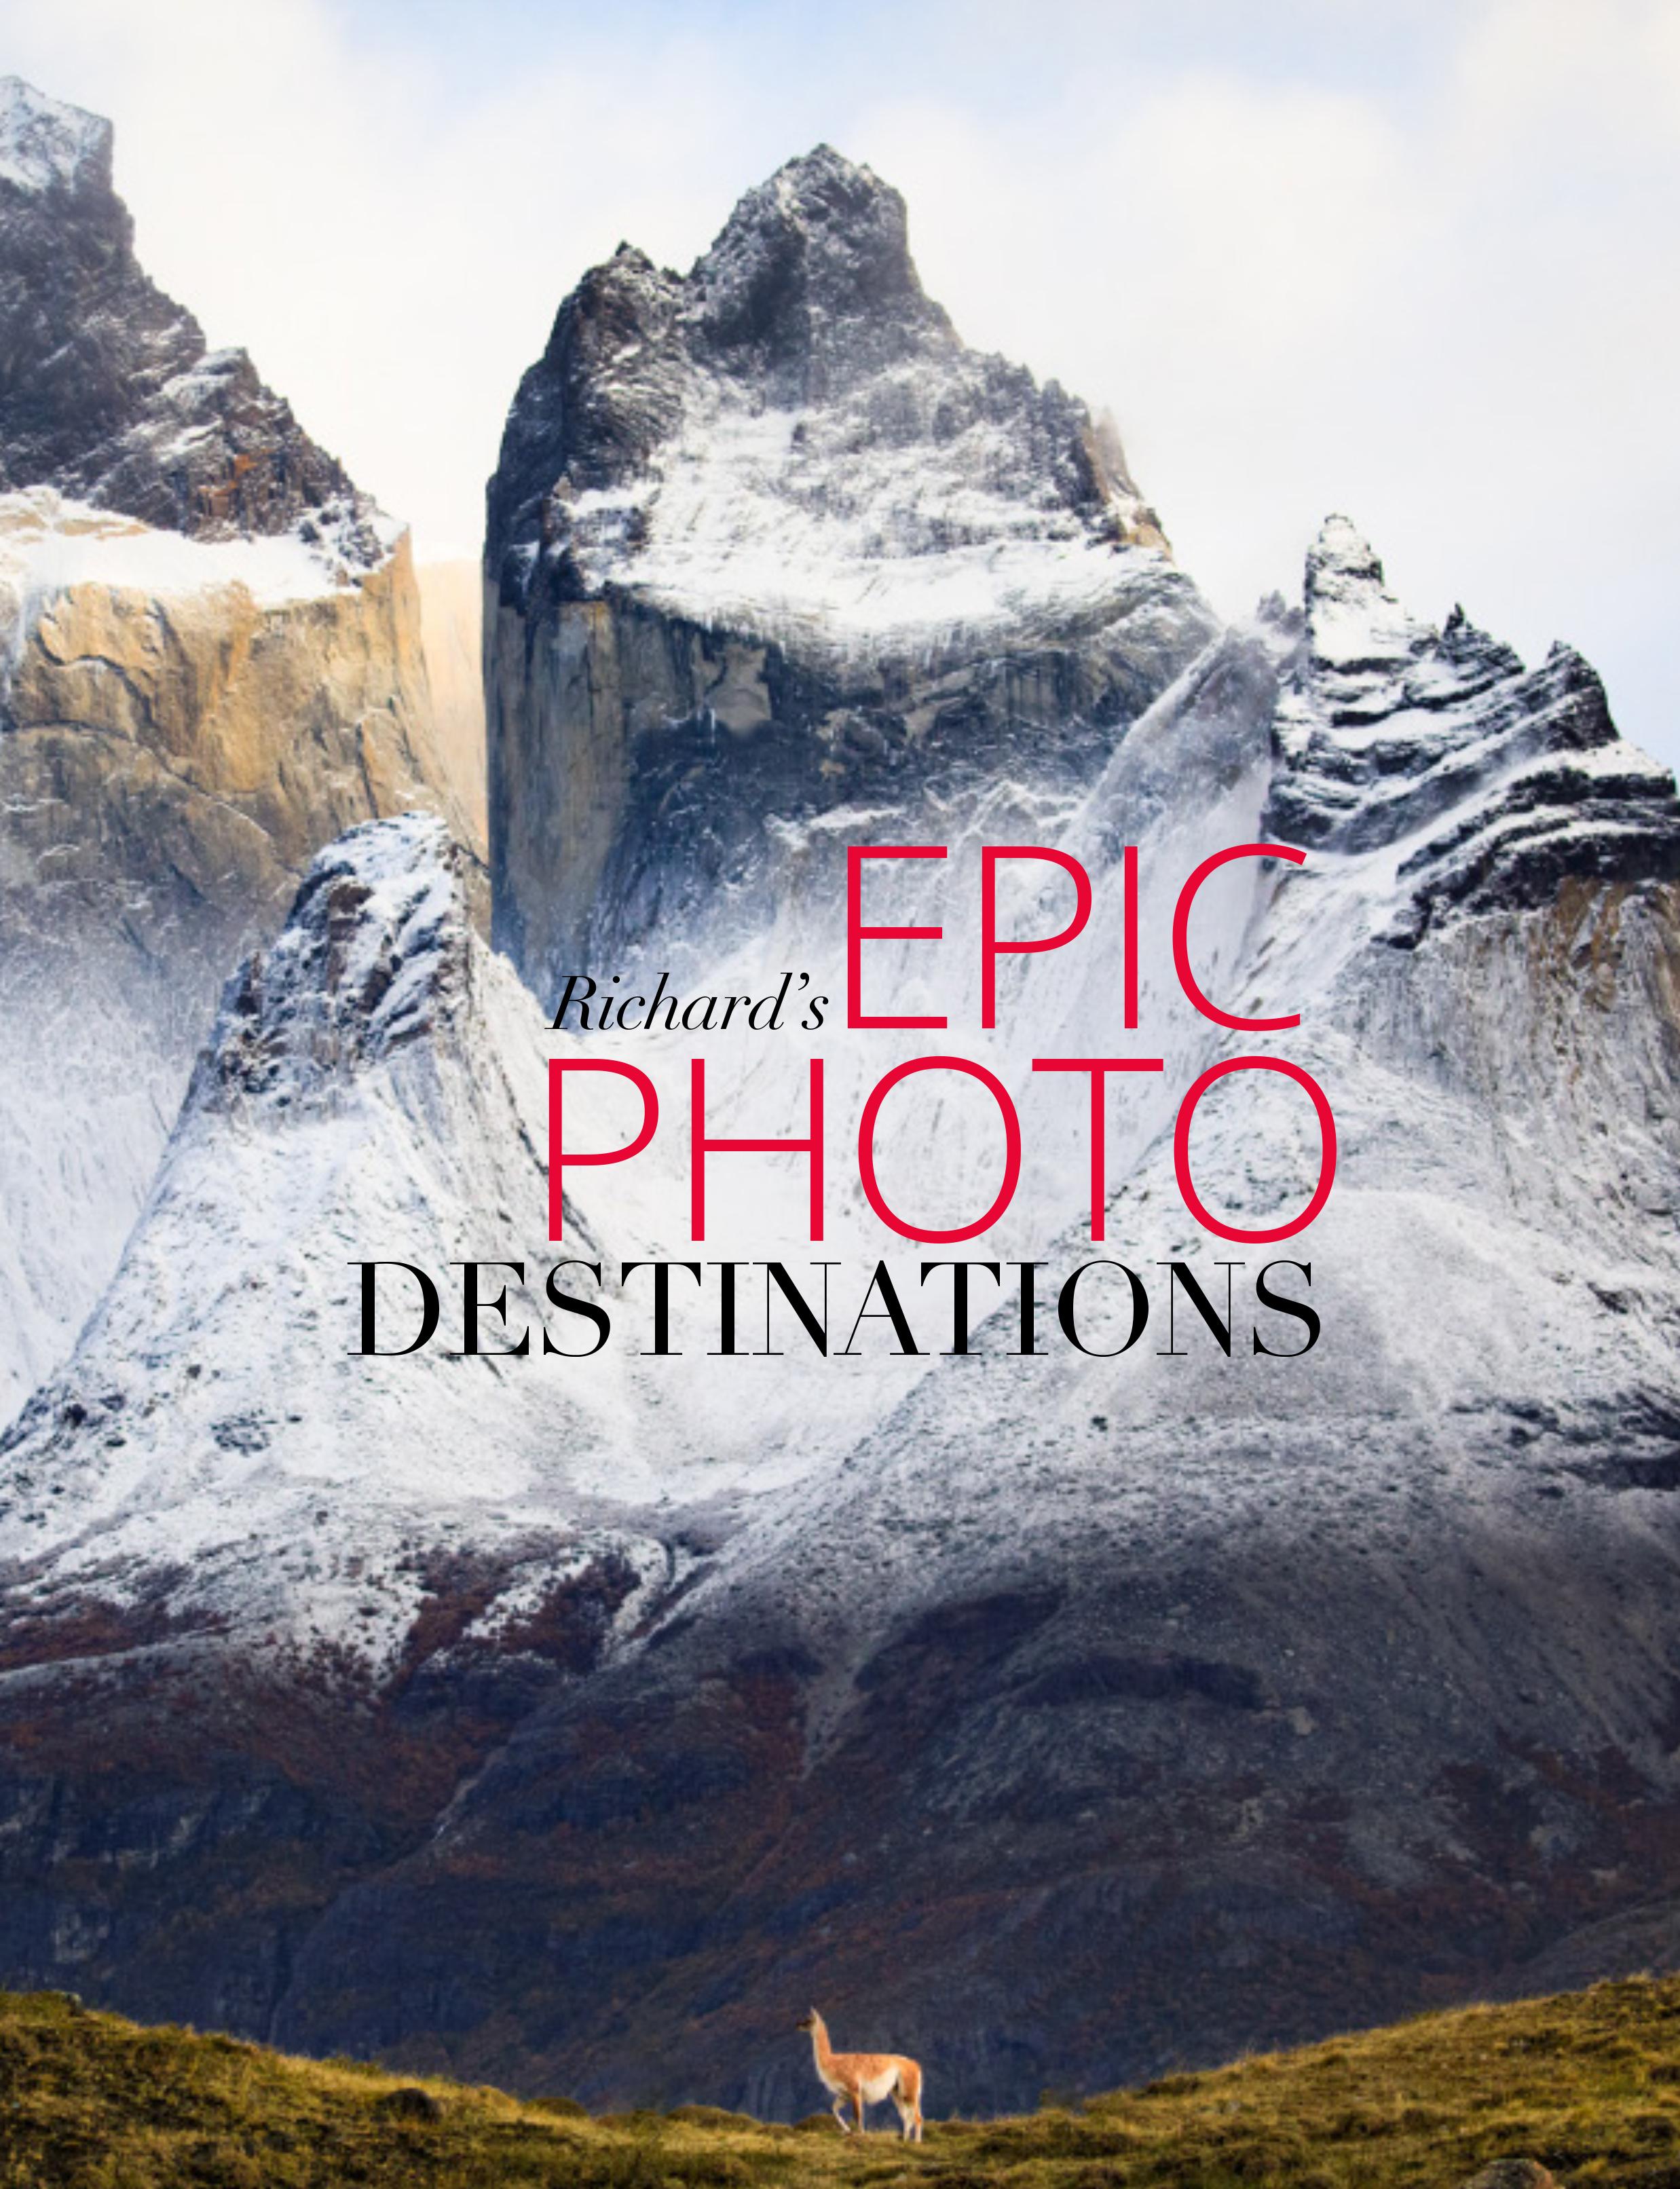 Richard's Epic Photo Destinations PDF